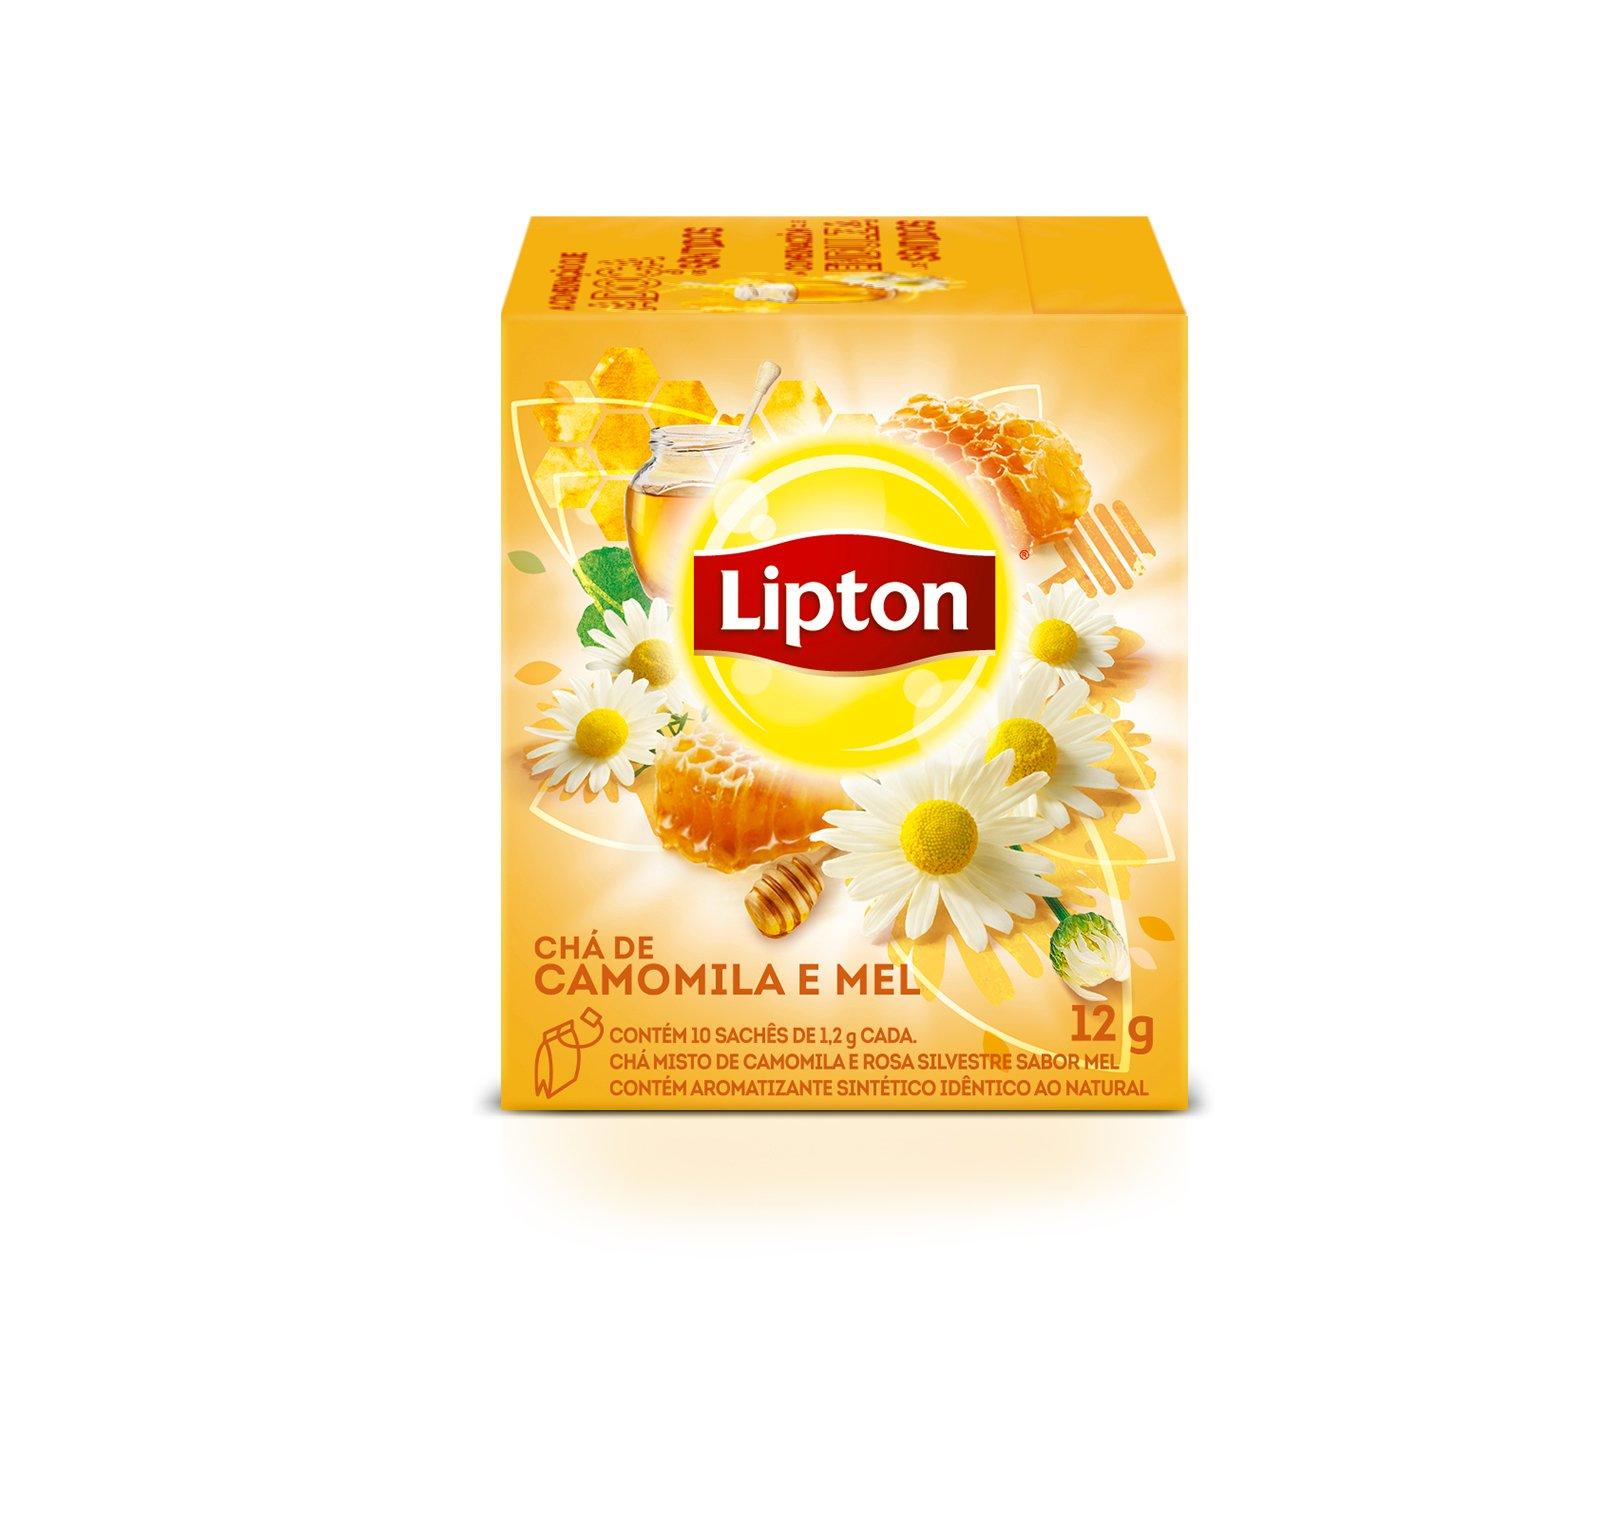 Chá Lipton - Camomila e Mel